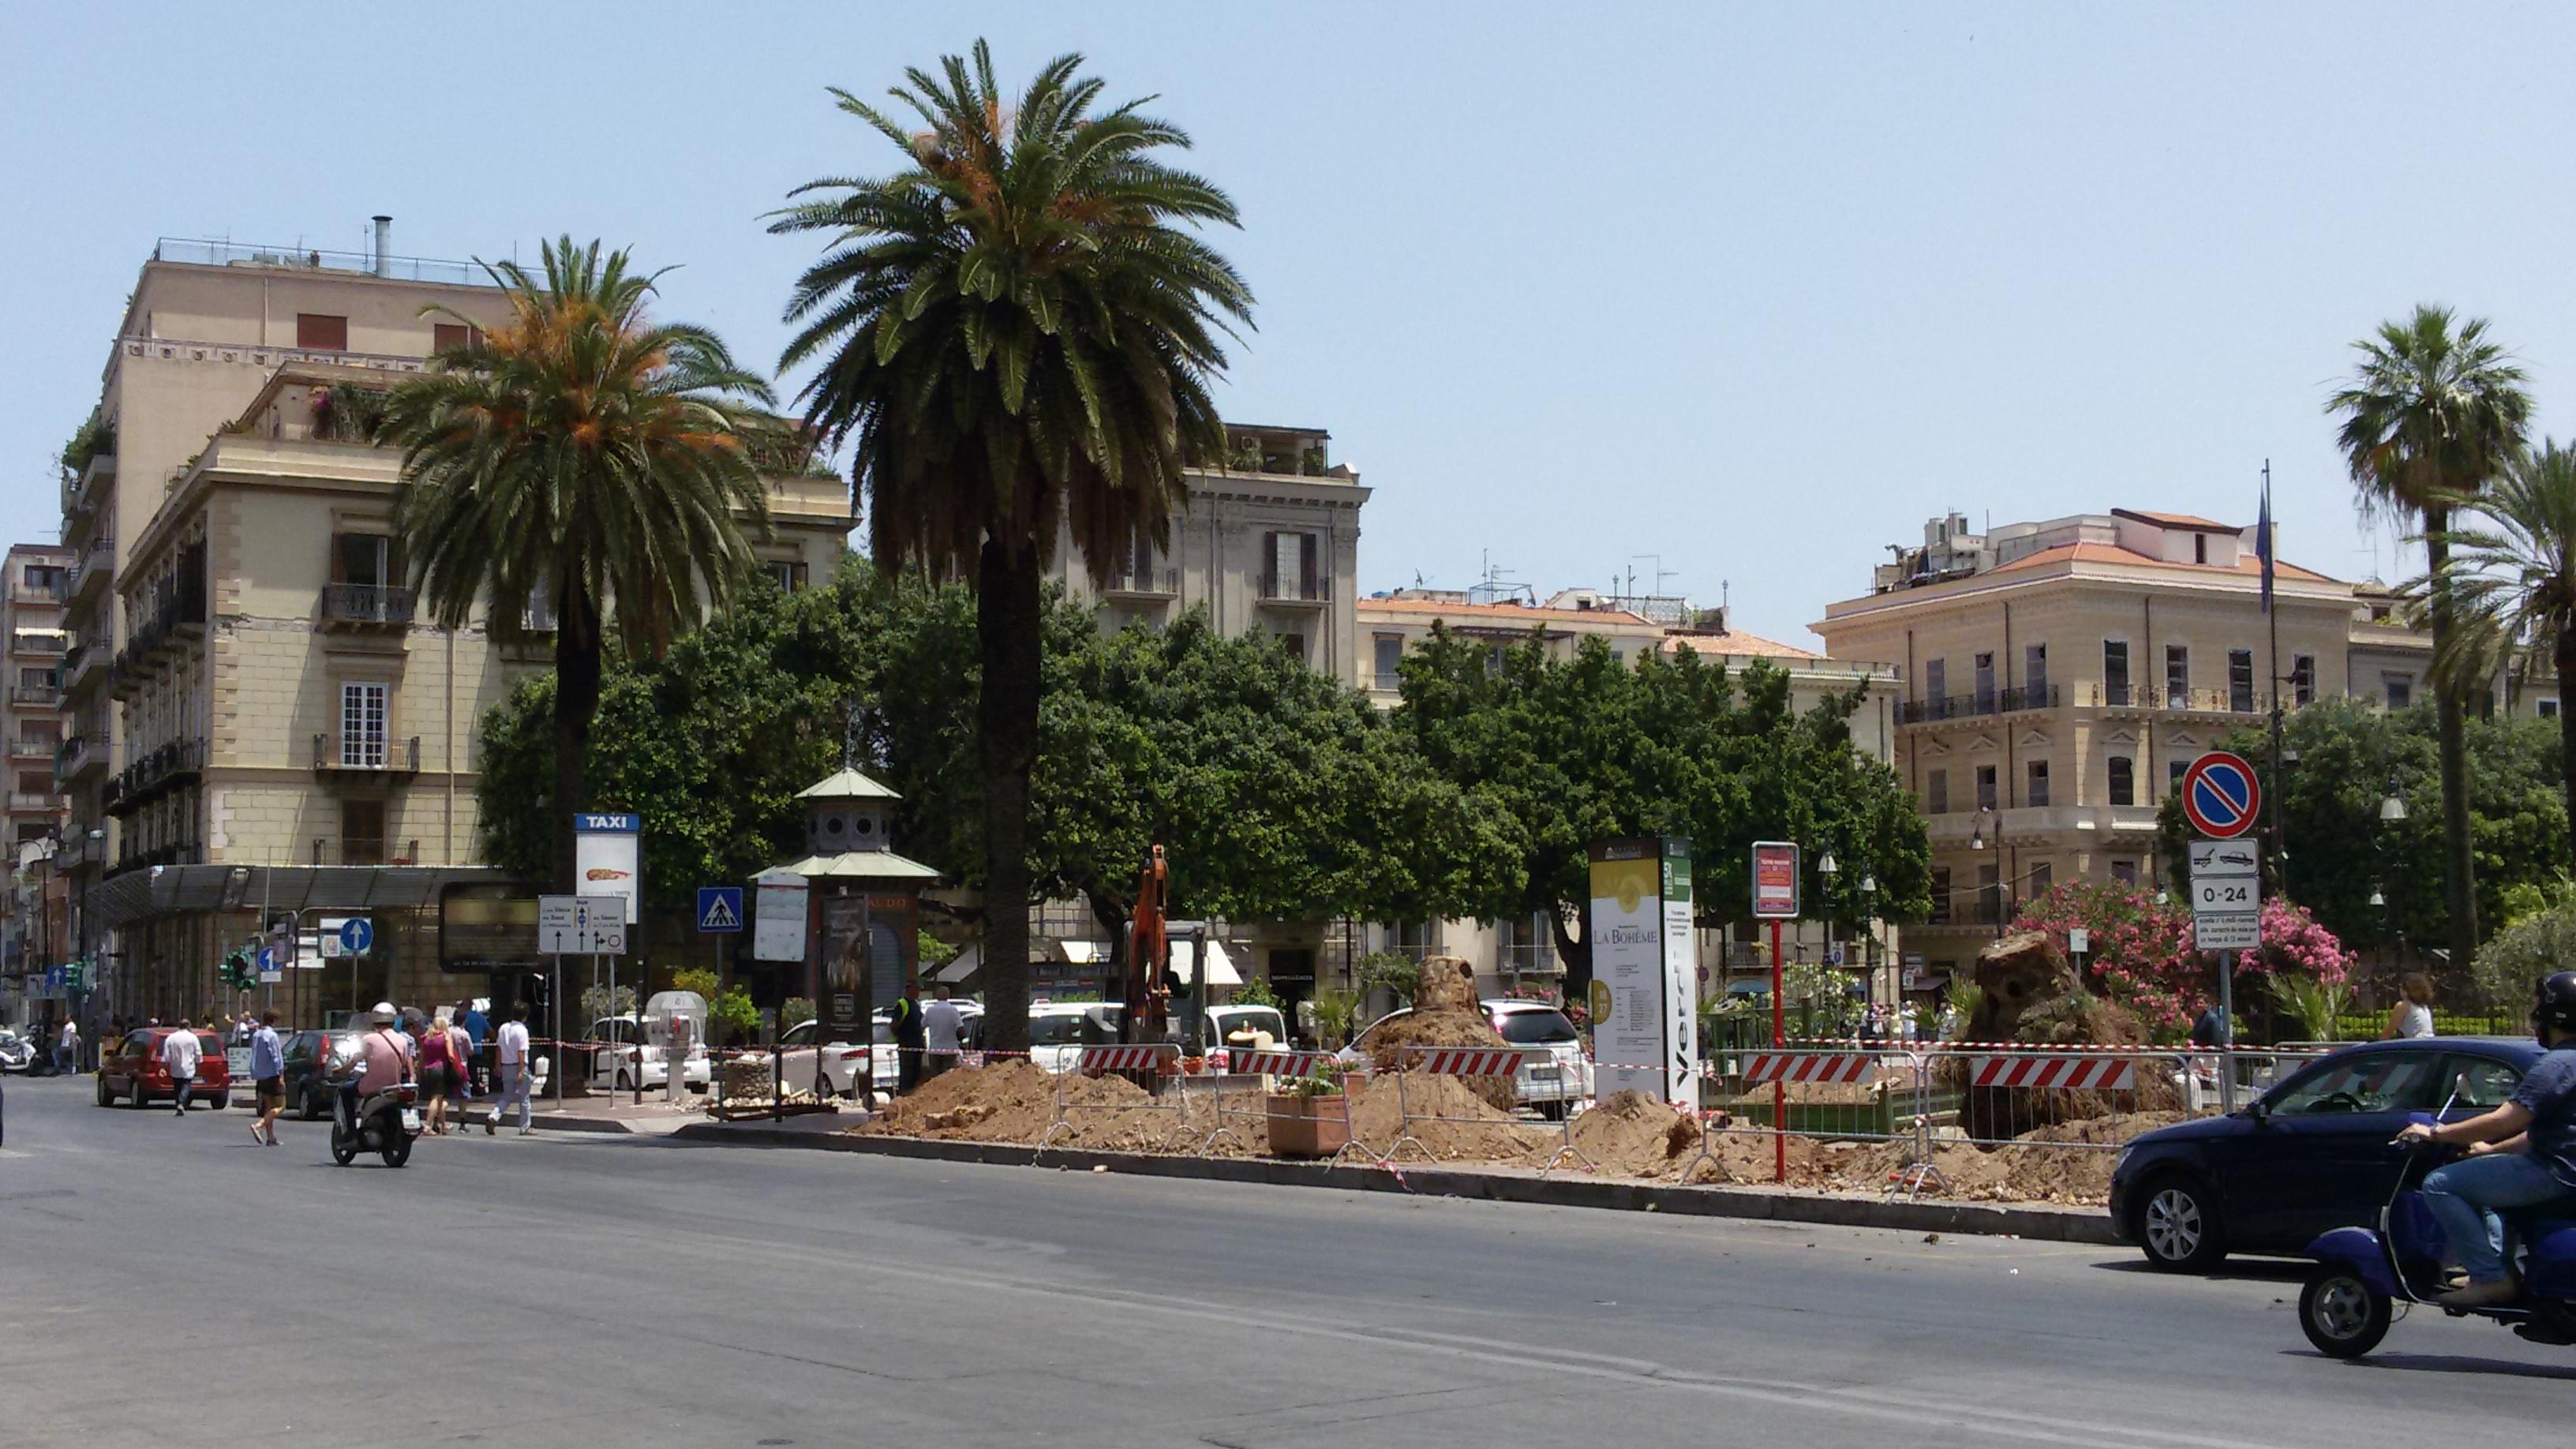 Arrivano le nuove palme a piazza verdi mobilita palermo for Mobilita palermo